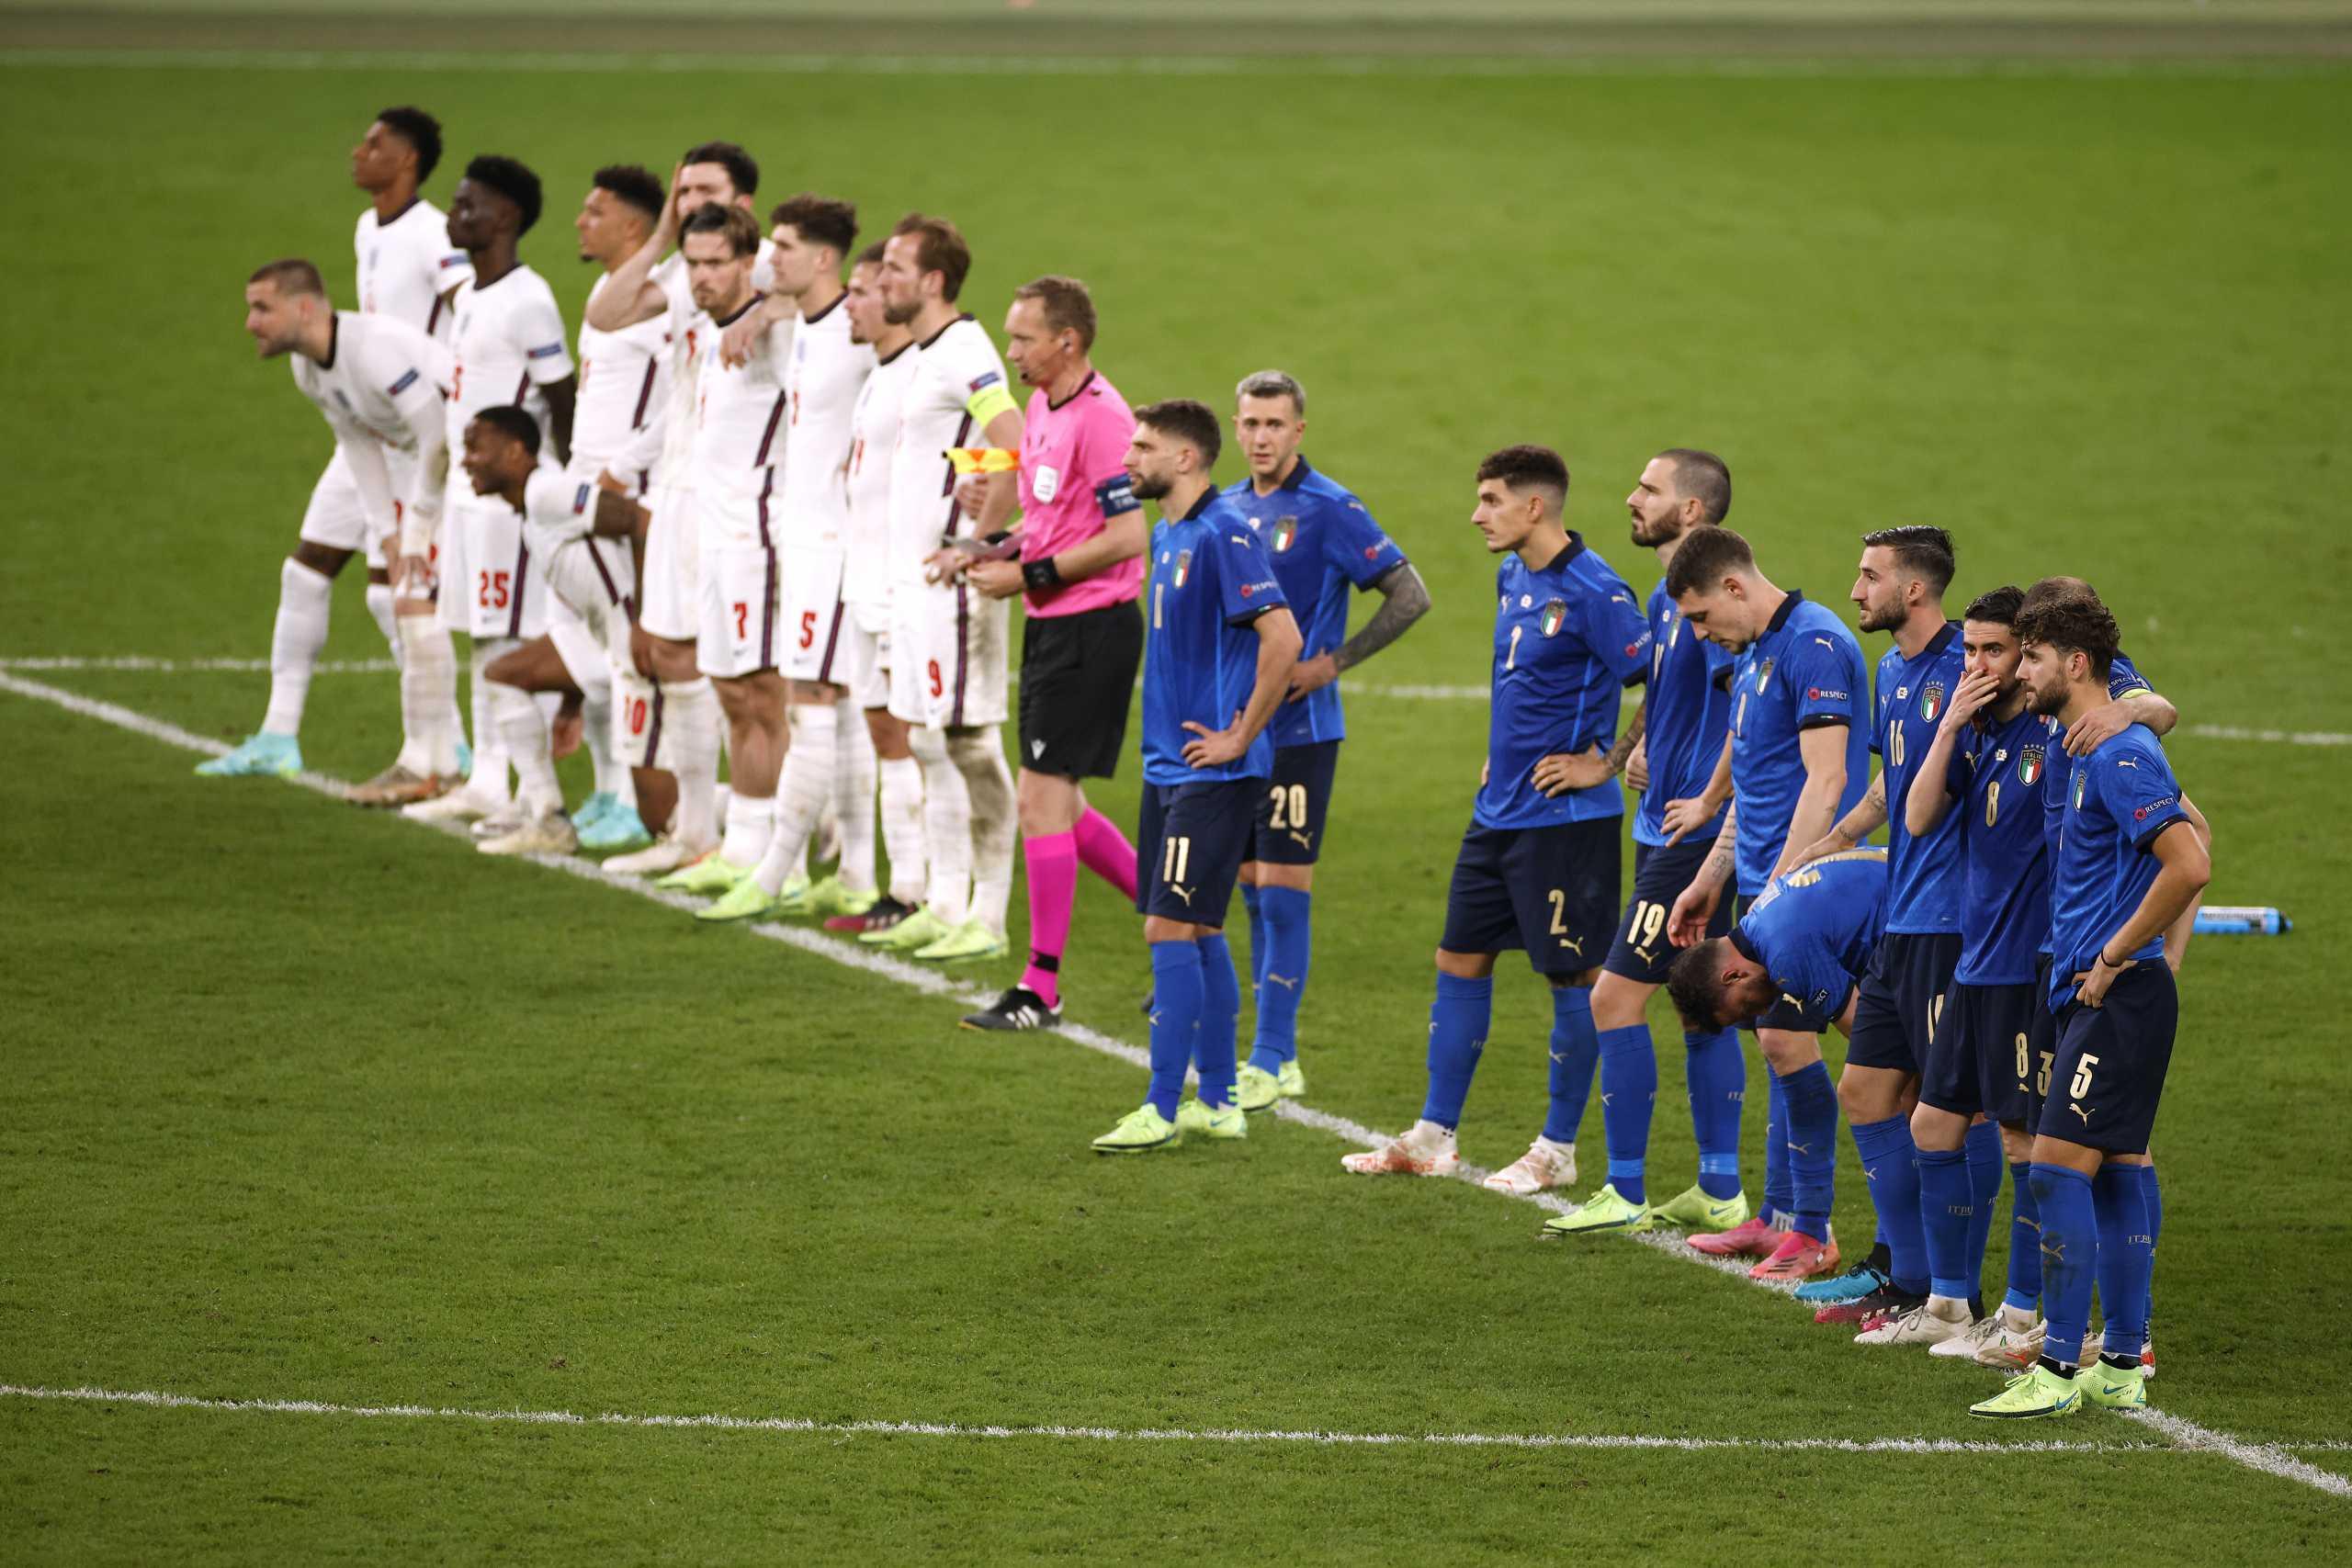 Euro 2020, Ιταλία – Αγγλία 1-1 και 3-2 ΤΕΛΙΚΟ: Πρωταθλητές στα πέναλτι οι Ιταλοί